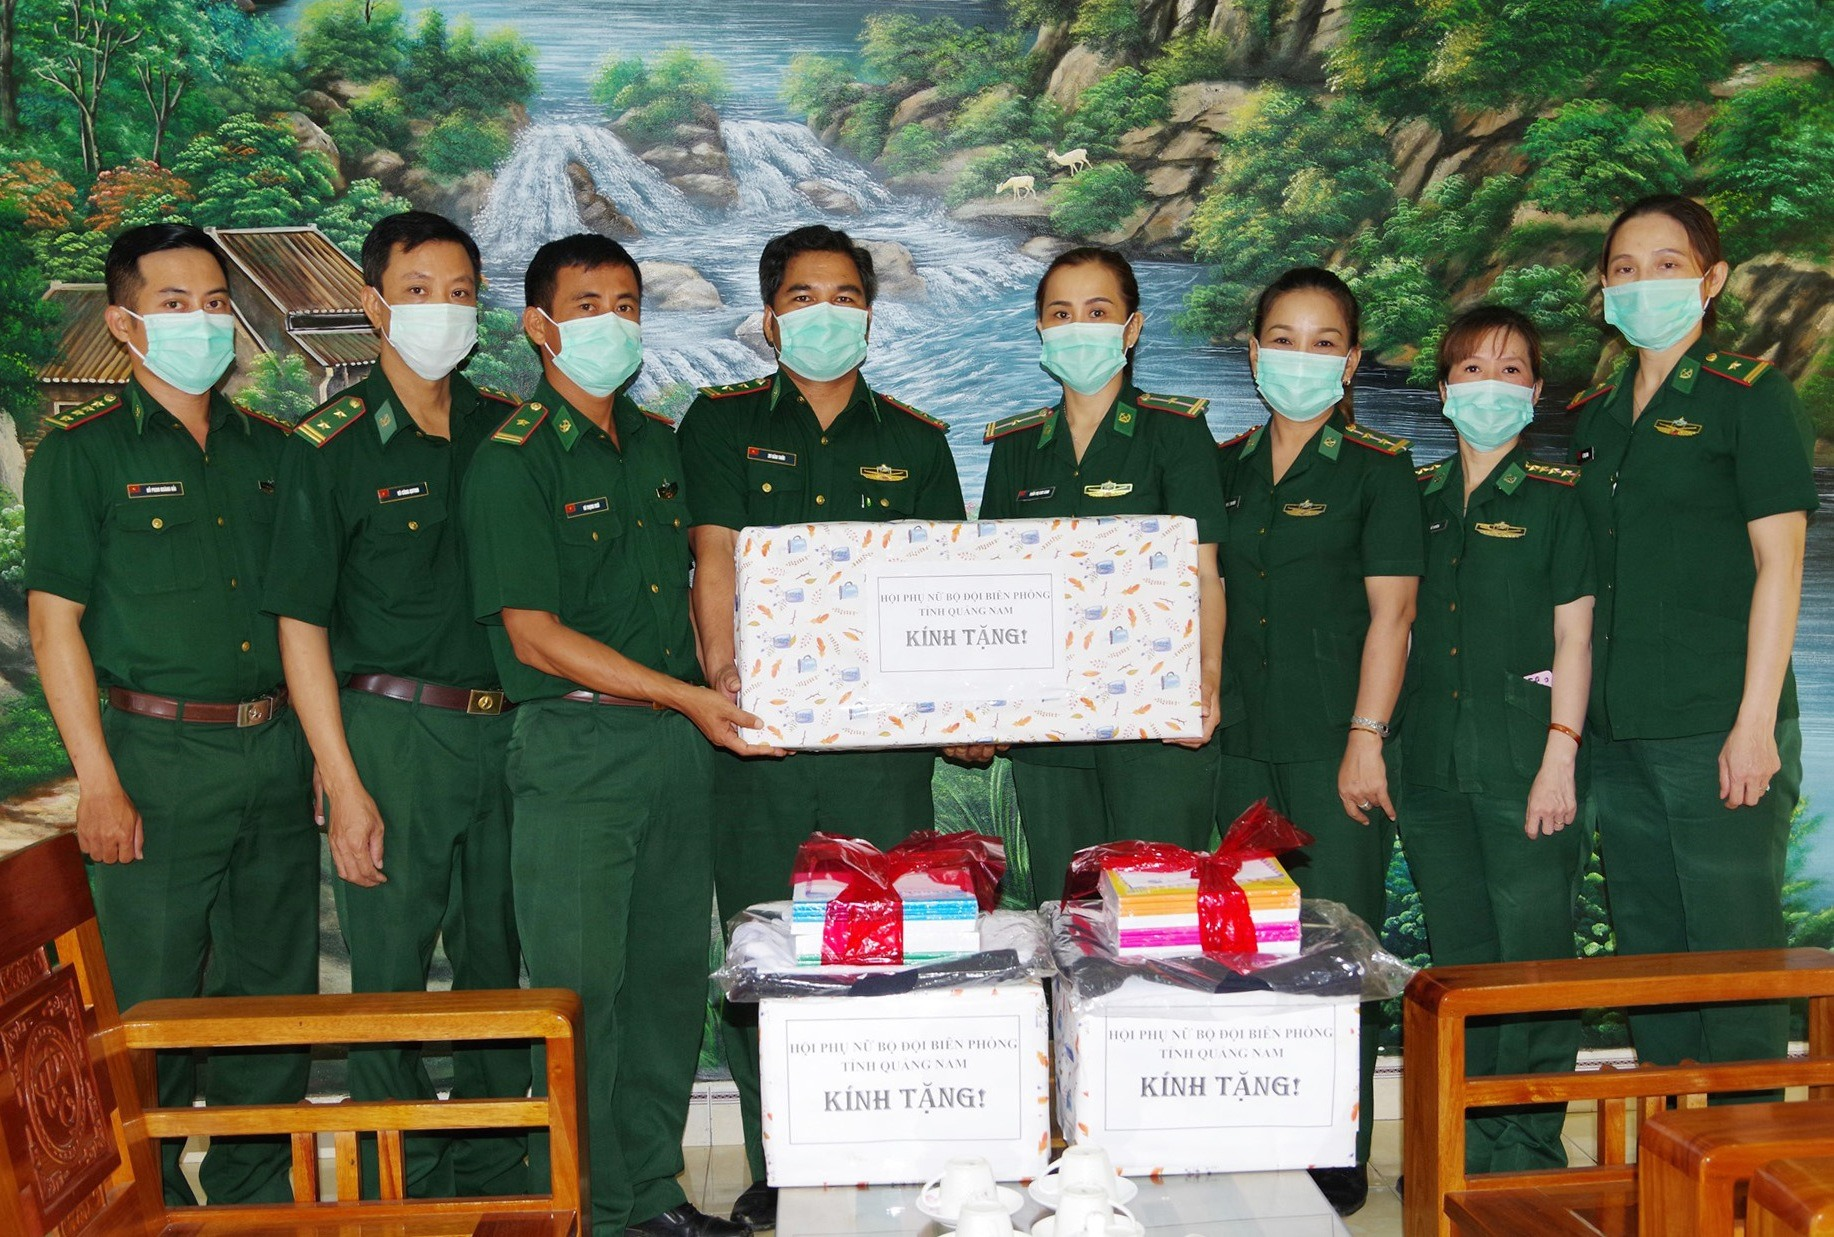 Tặng quà Đồn Biên phòng cửa khẩu Nam Giang Ảnh: HỒNG ANH